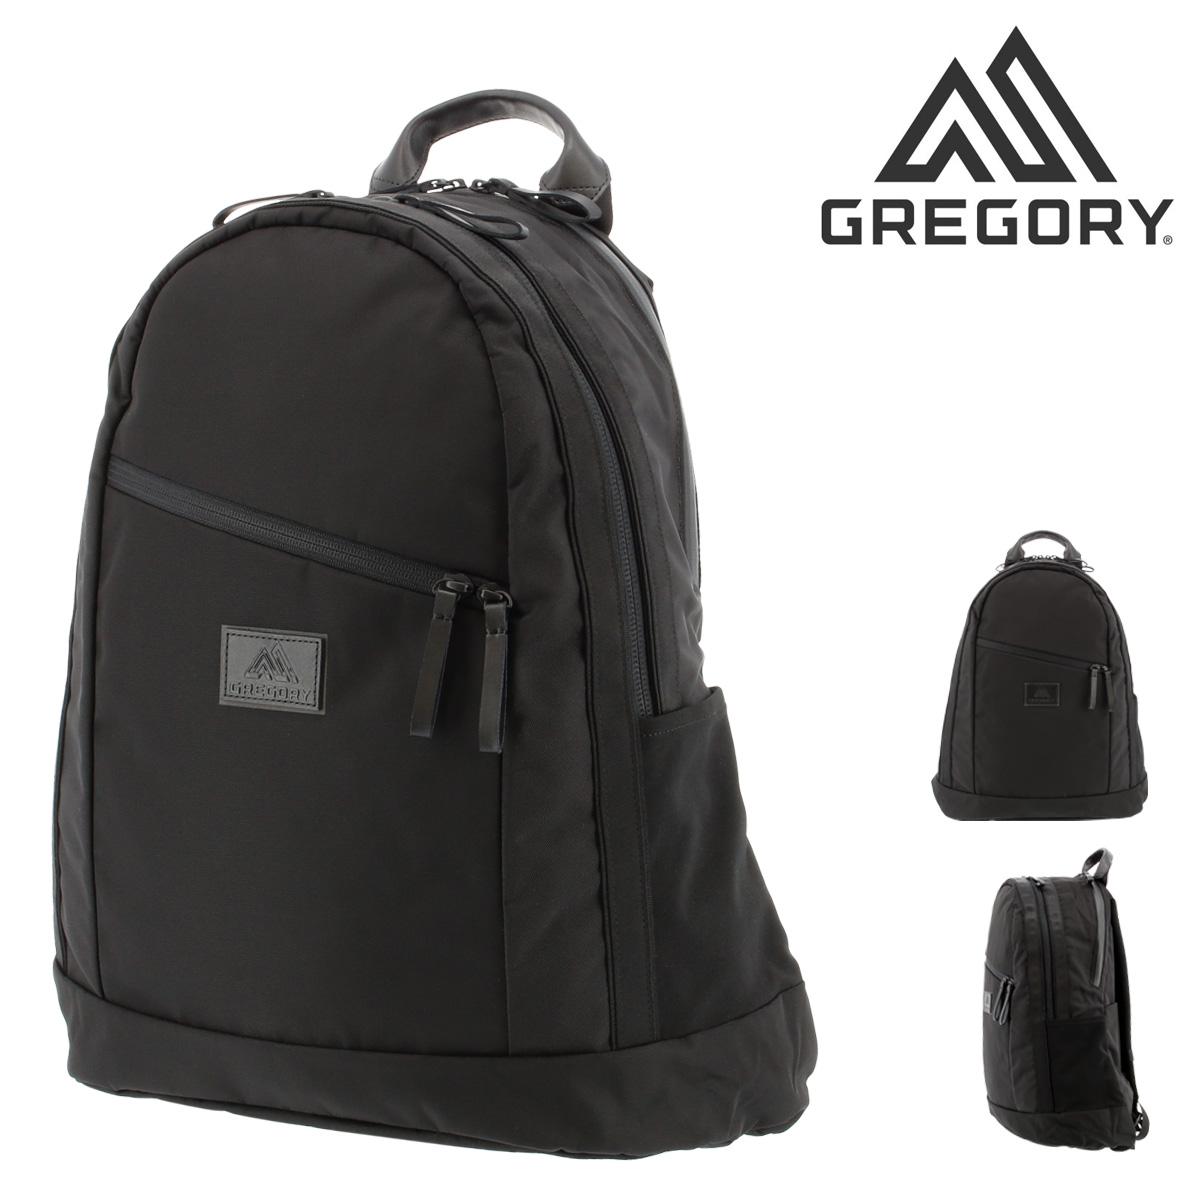 グレゴリー リュック B4 メンズPLG-407 GREGORY | リュックサック[即日発送]